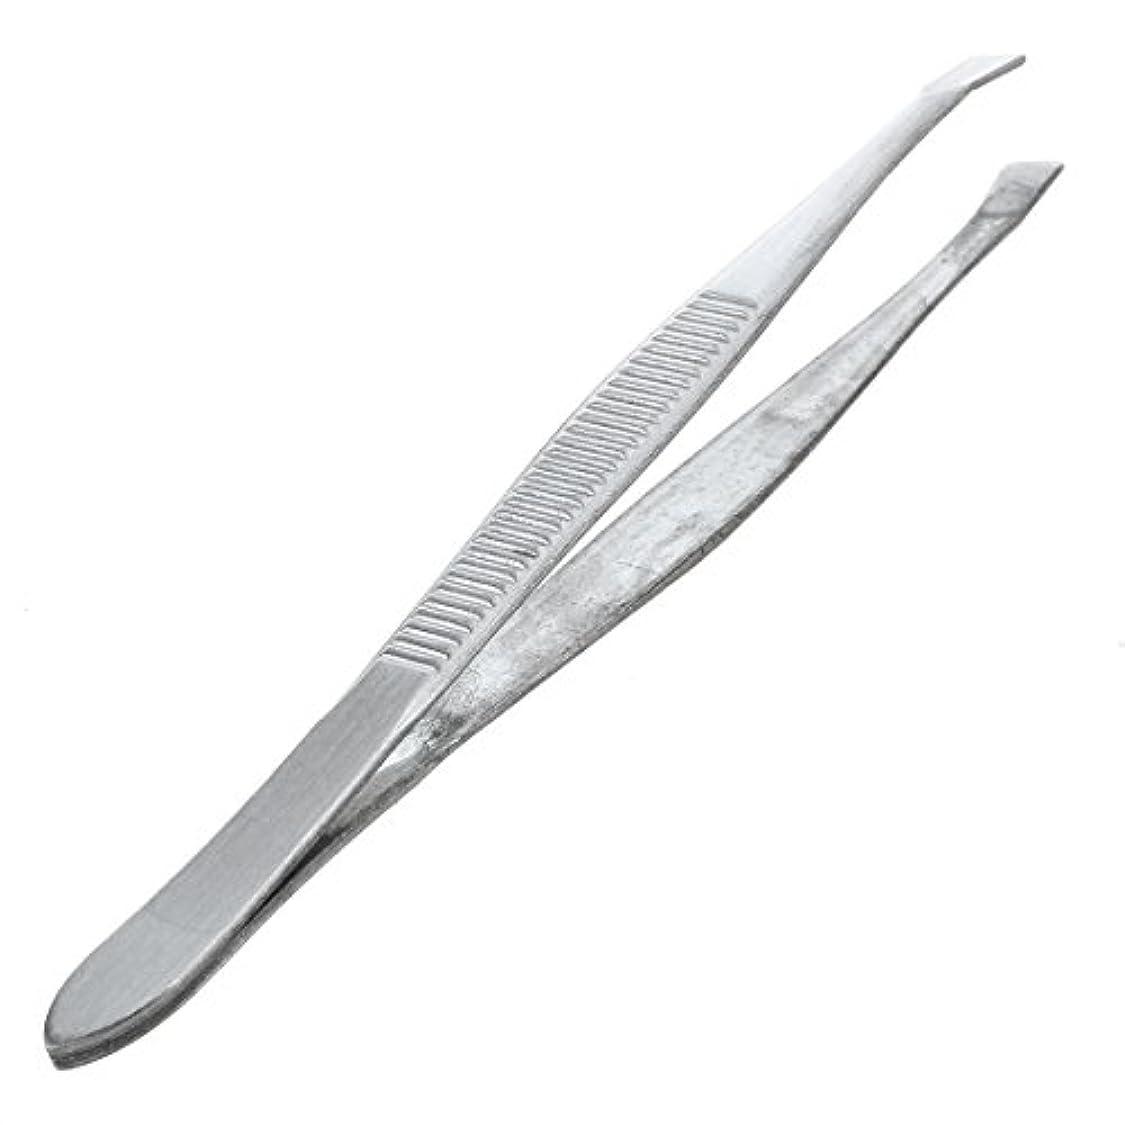 寂しい改革またはGaoominy 眉毛ピンセット 脱毛チップ 炭素鋼 傾斜 9cm シルバーカラー